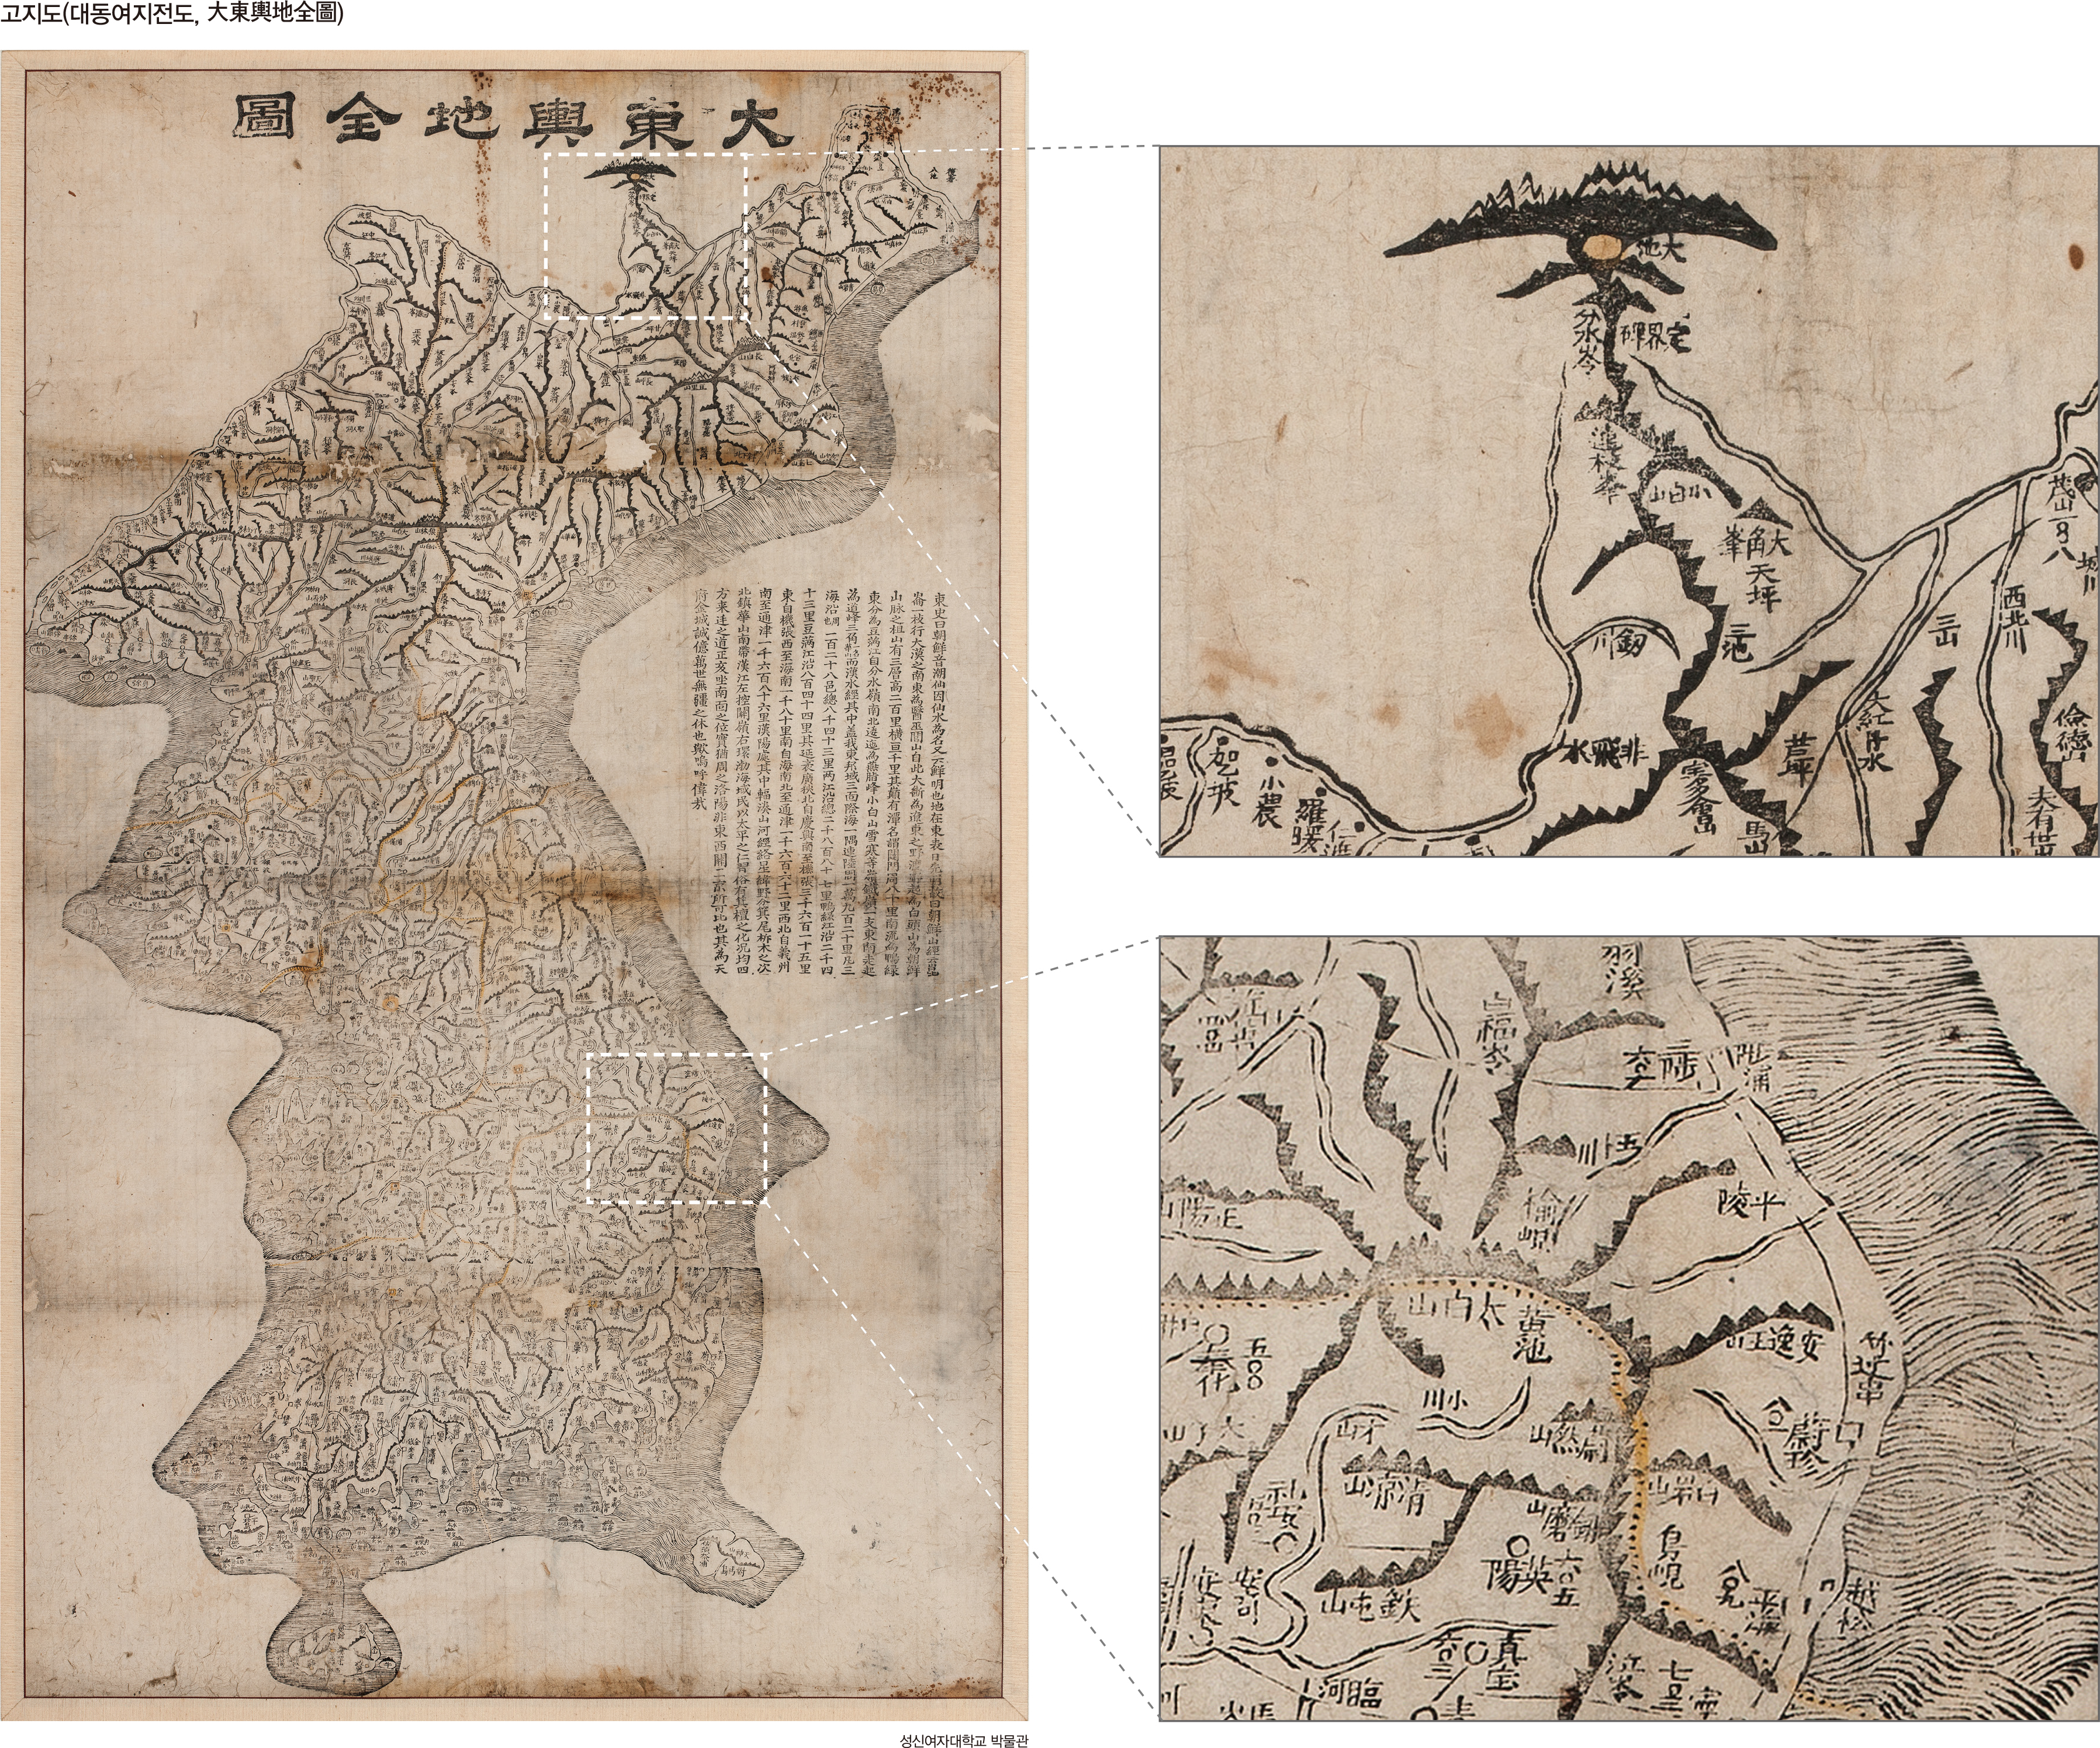 고지도(대동여지전도, 大東輿地全圖)